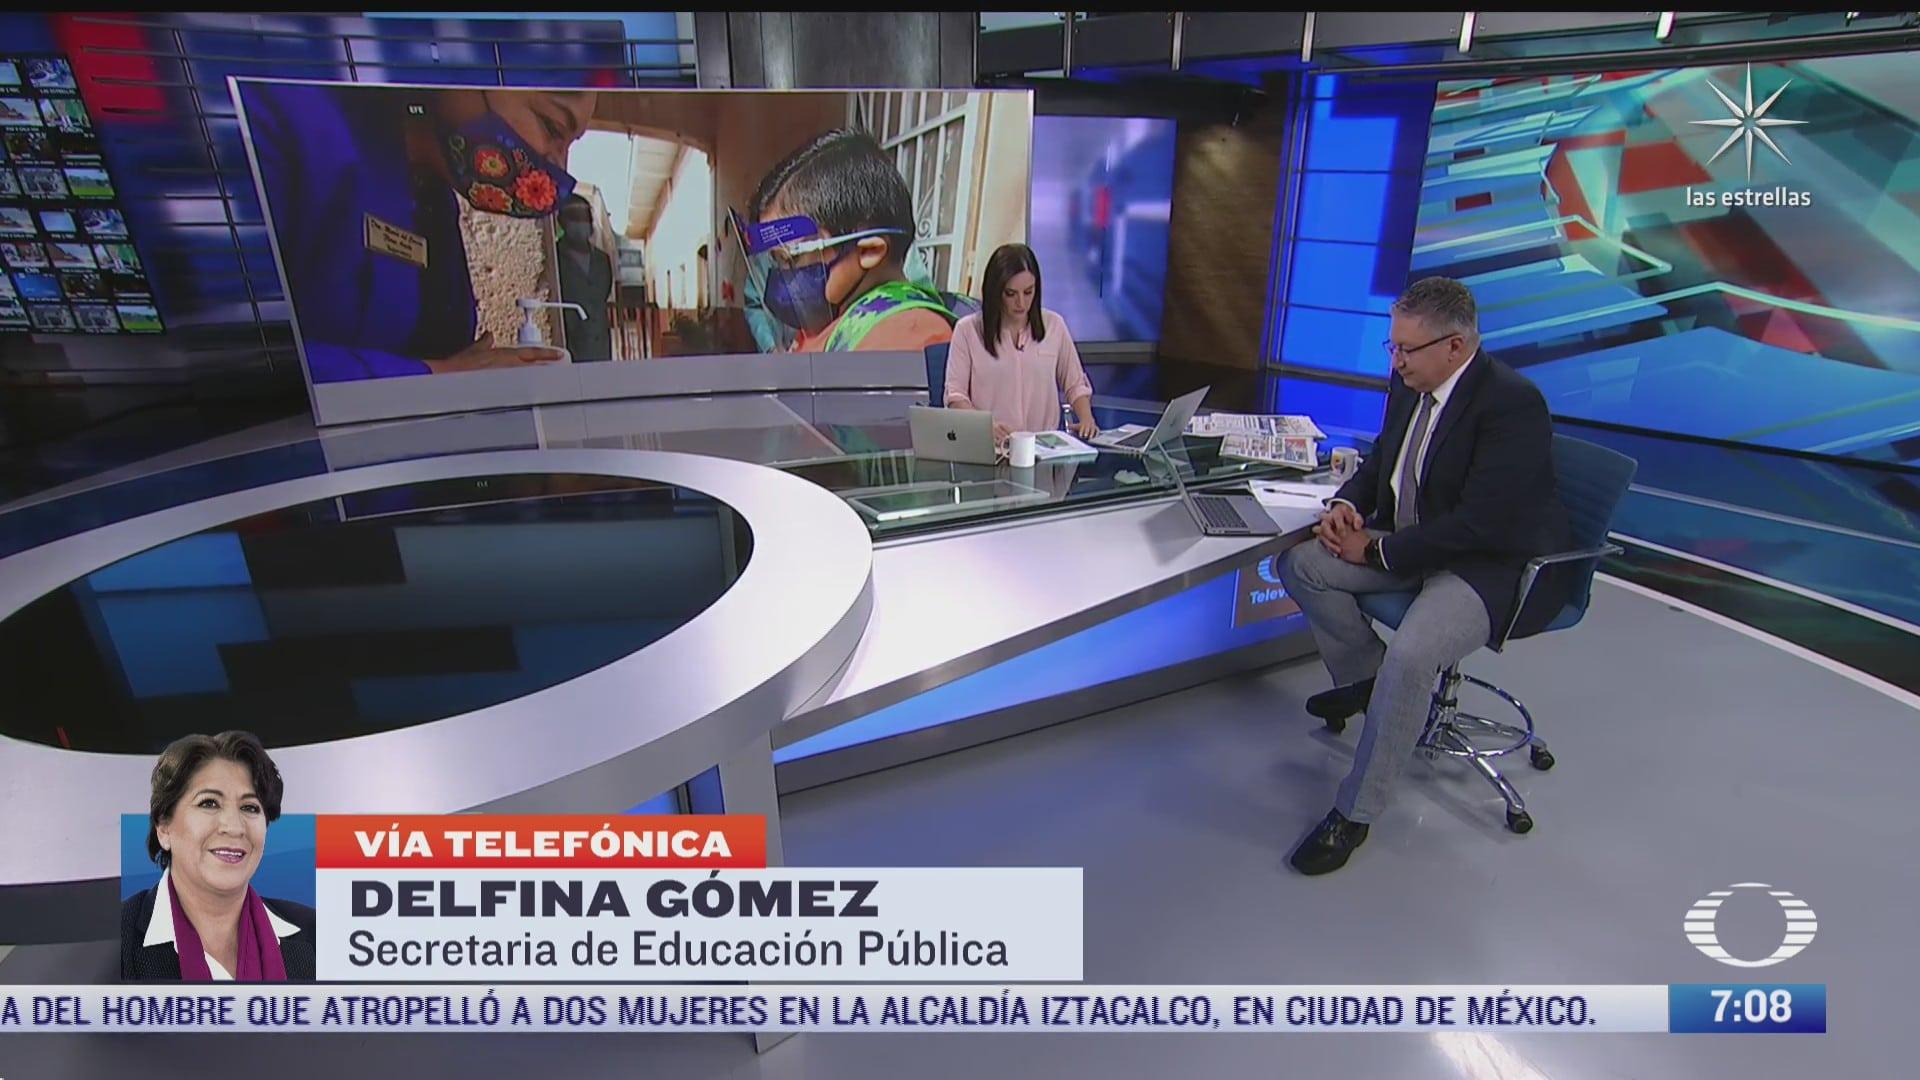 entrevista con delfina gomez secretaria de educacion publica para despierta